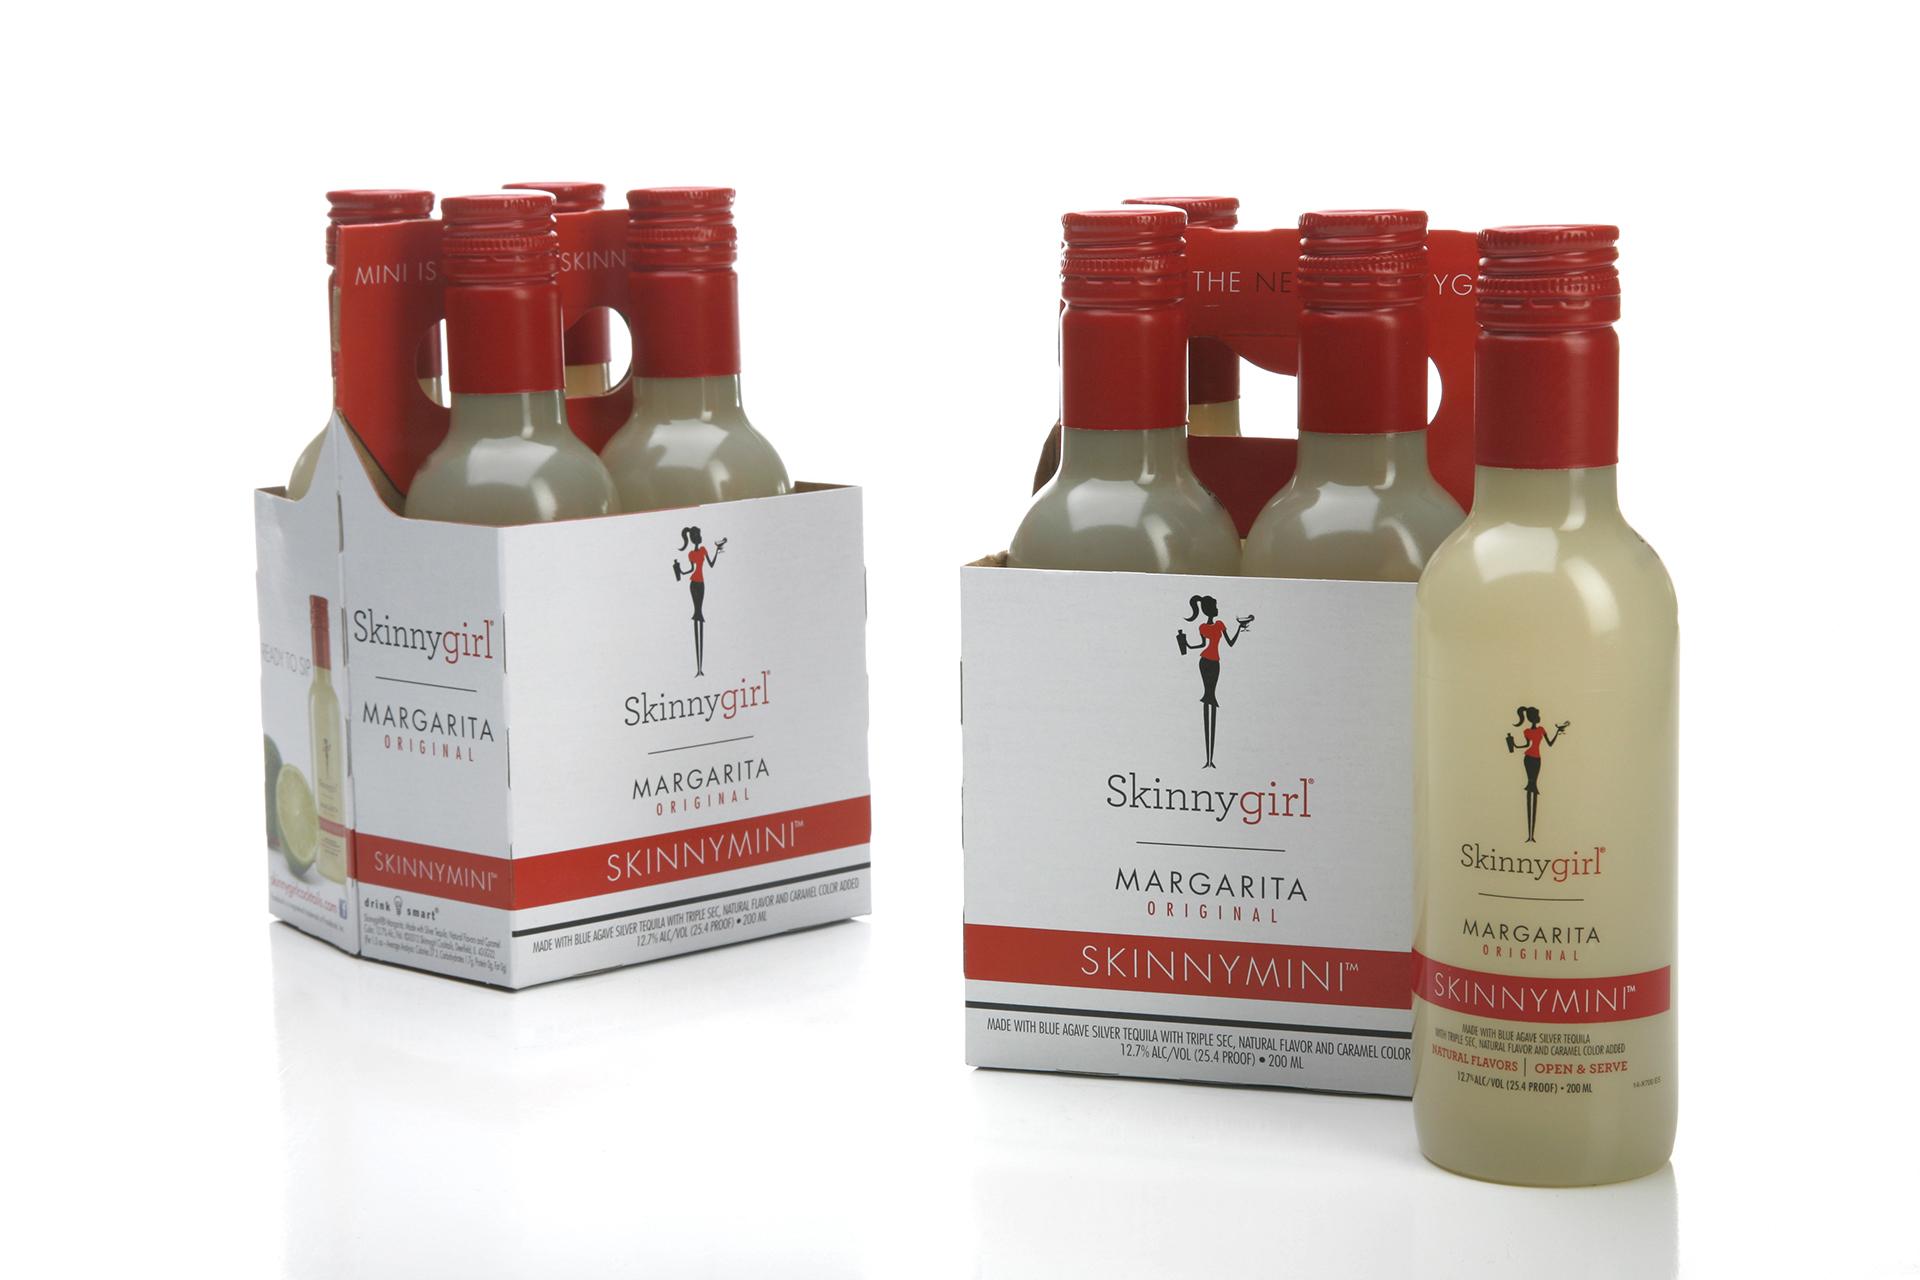 Extends Skinnygirl Margarita Brand to 200ml PET Bottles